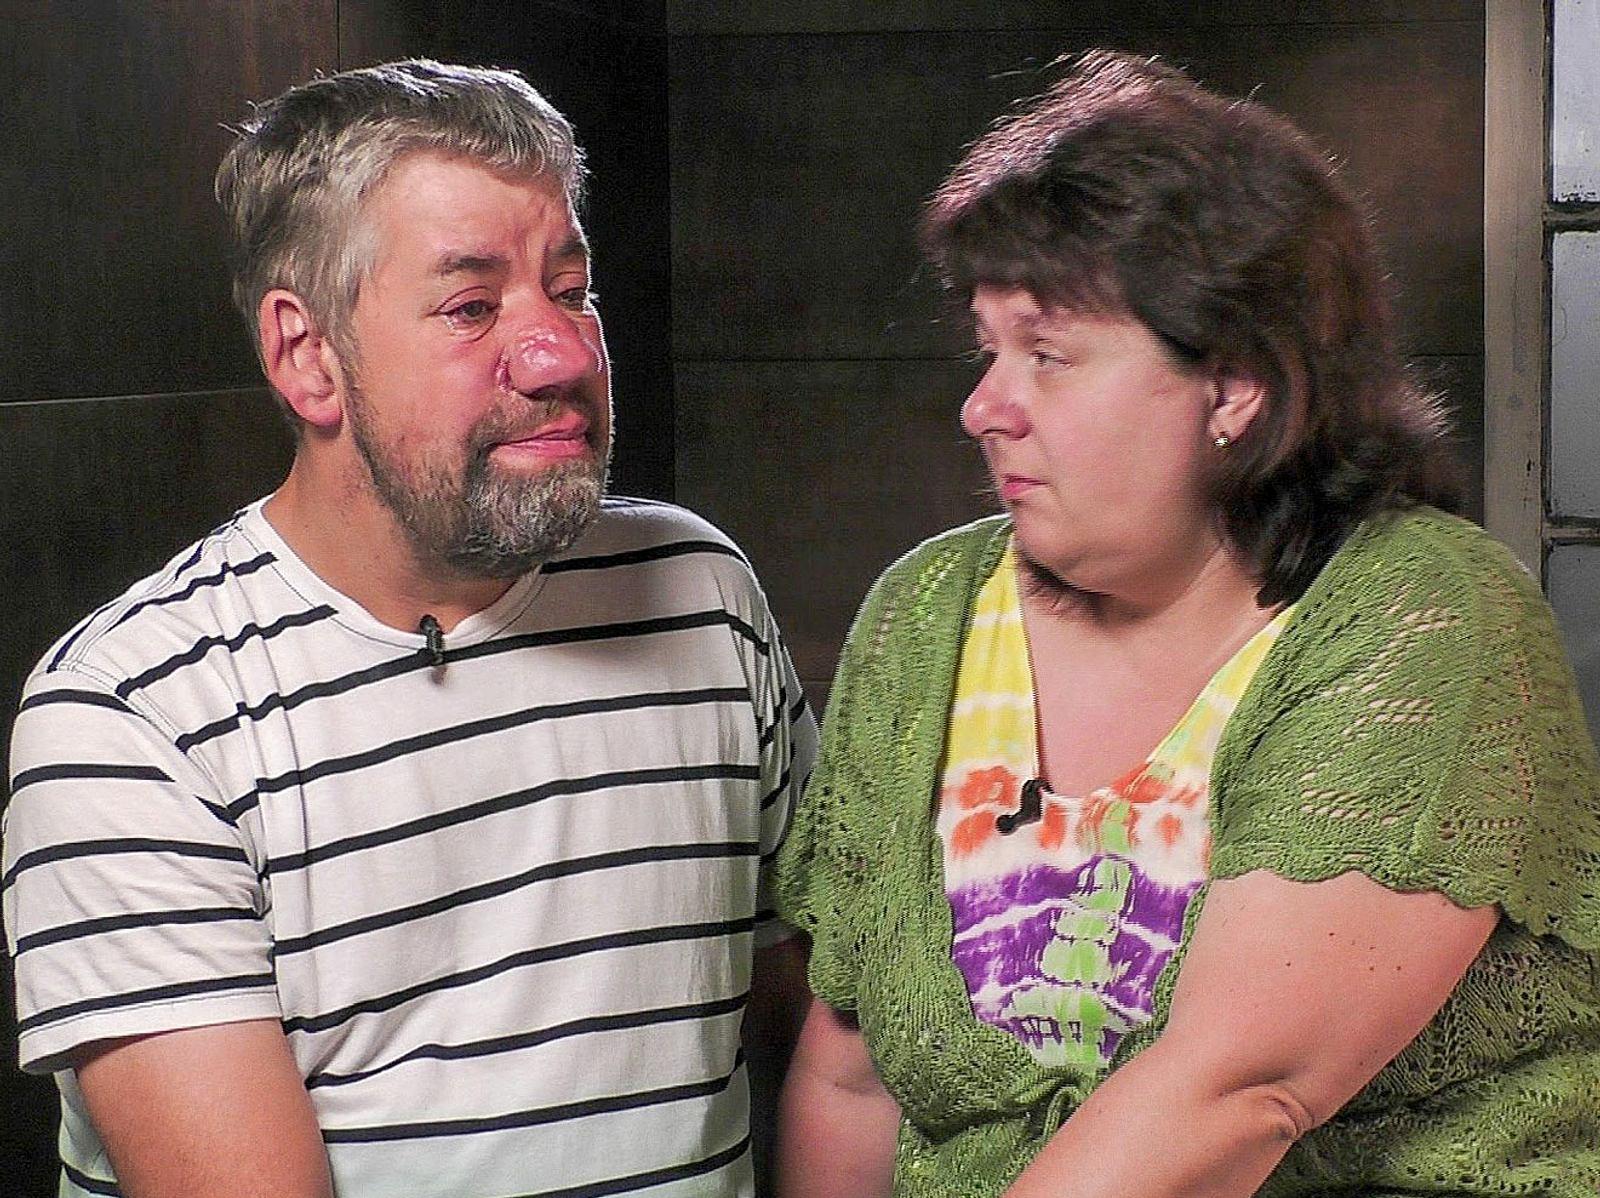 Bauer sucht Frau: Uwe und Iris rühren mit emotionalem